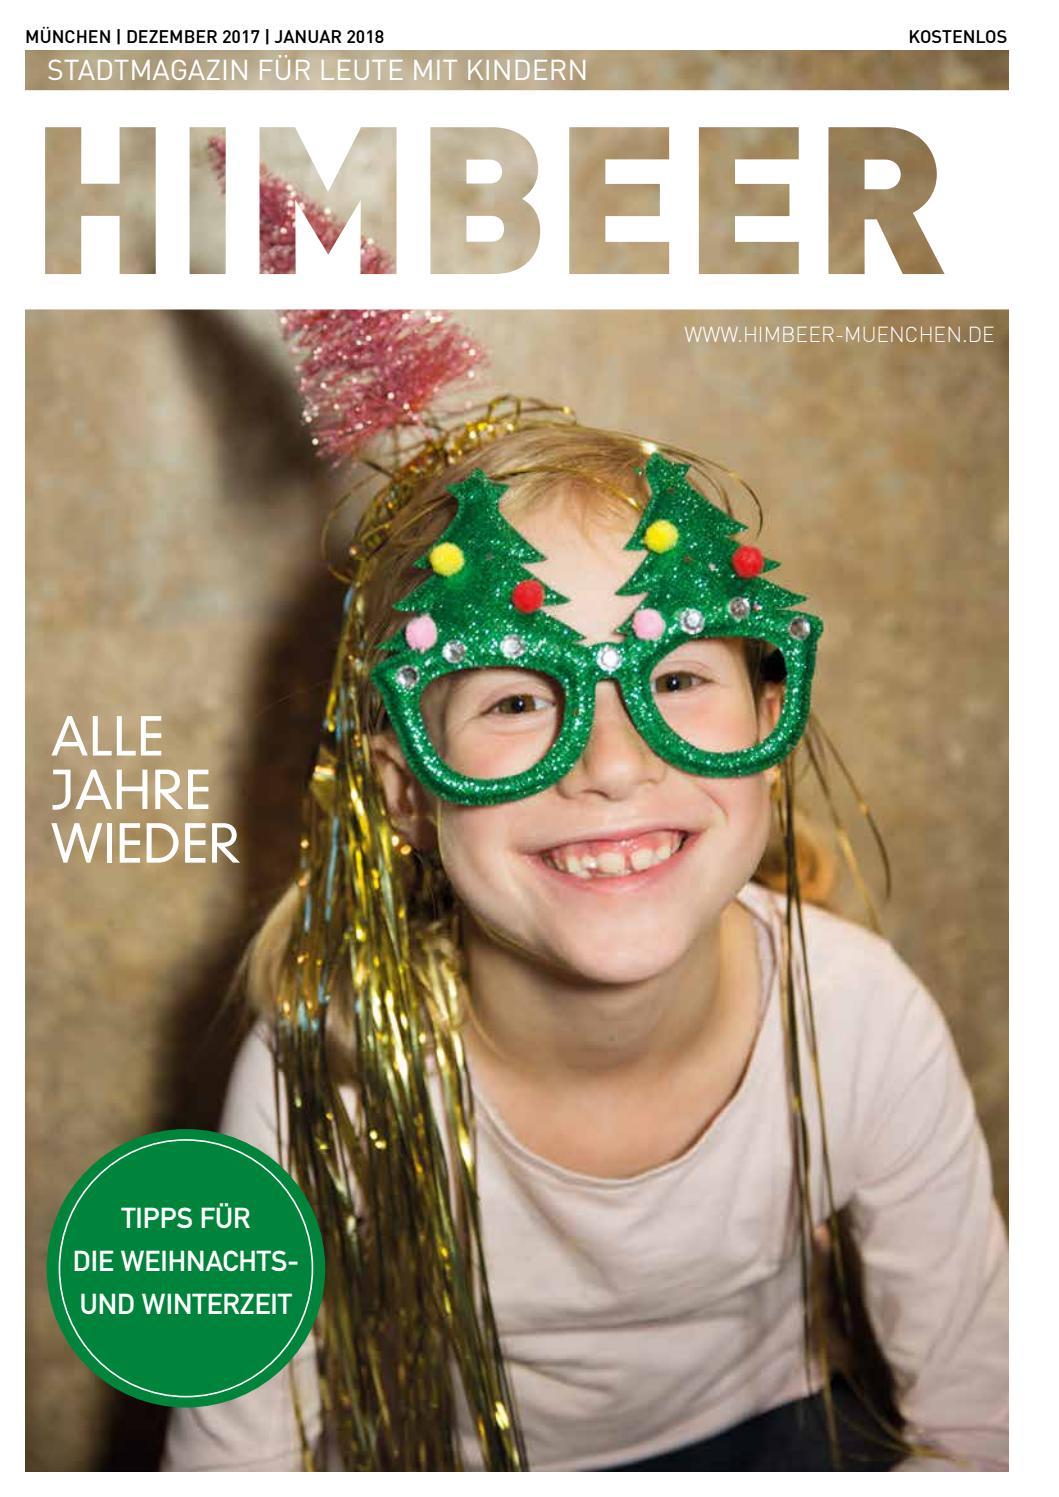 HIMBEER München DEZEMBER 2017 JANUAR 2018 by HIMBEER Verlag - issuu